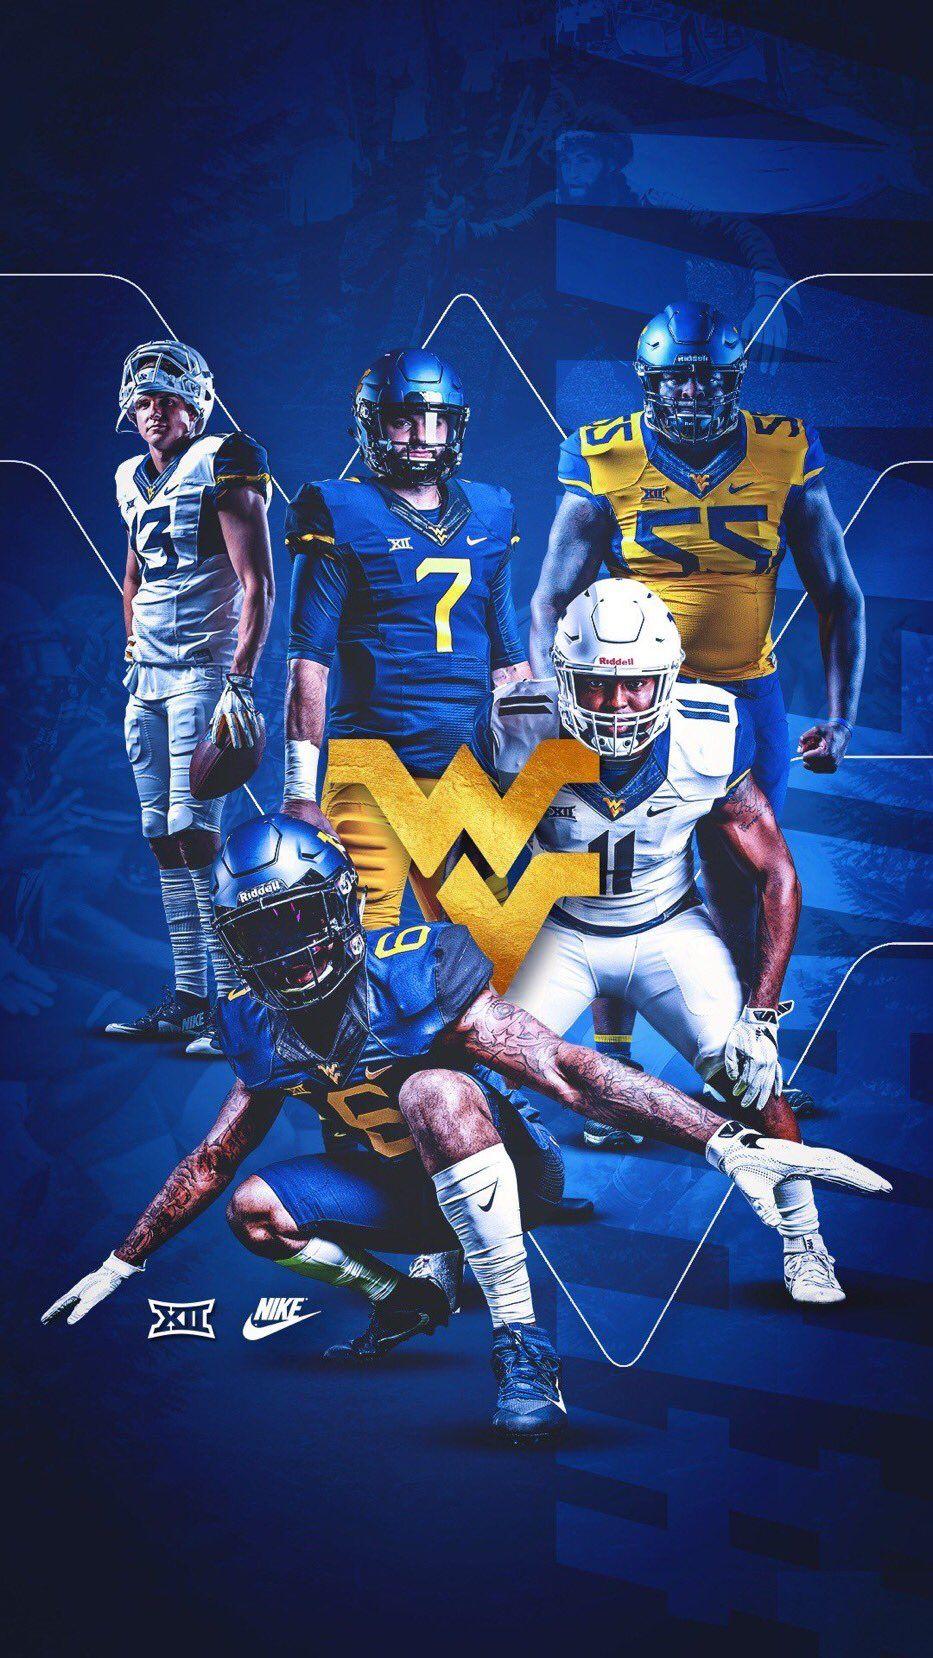 Skullsparks On Twitter Sports Design Inspiration Sport Poster Design Sports Graphic Design